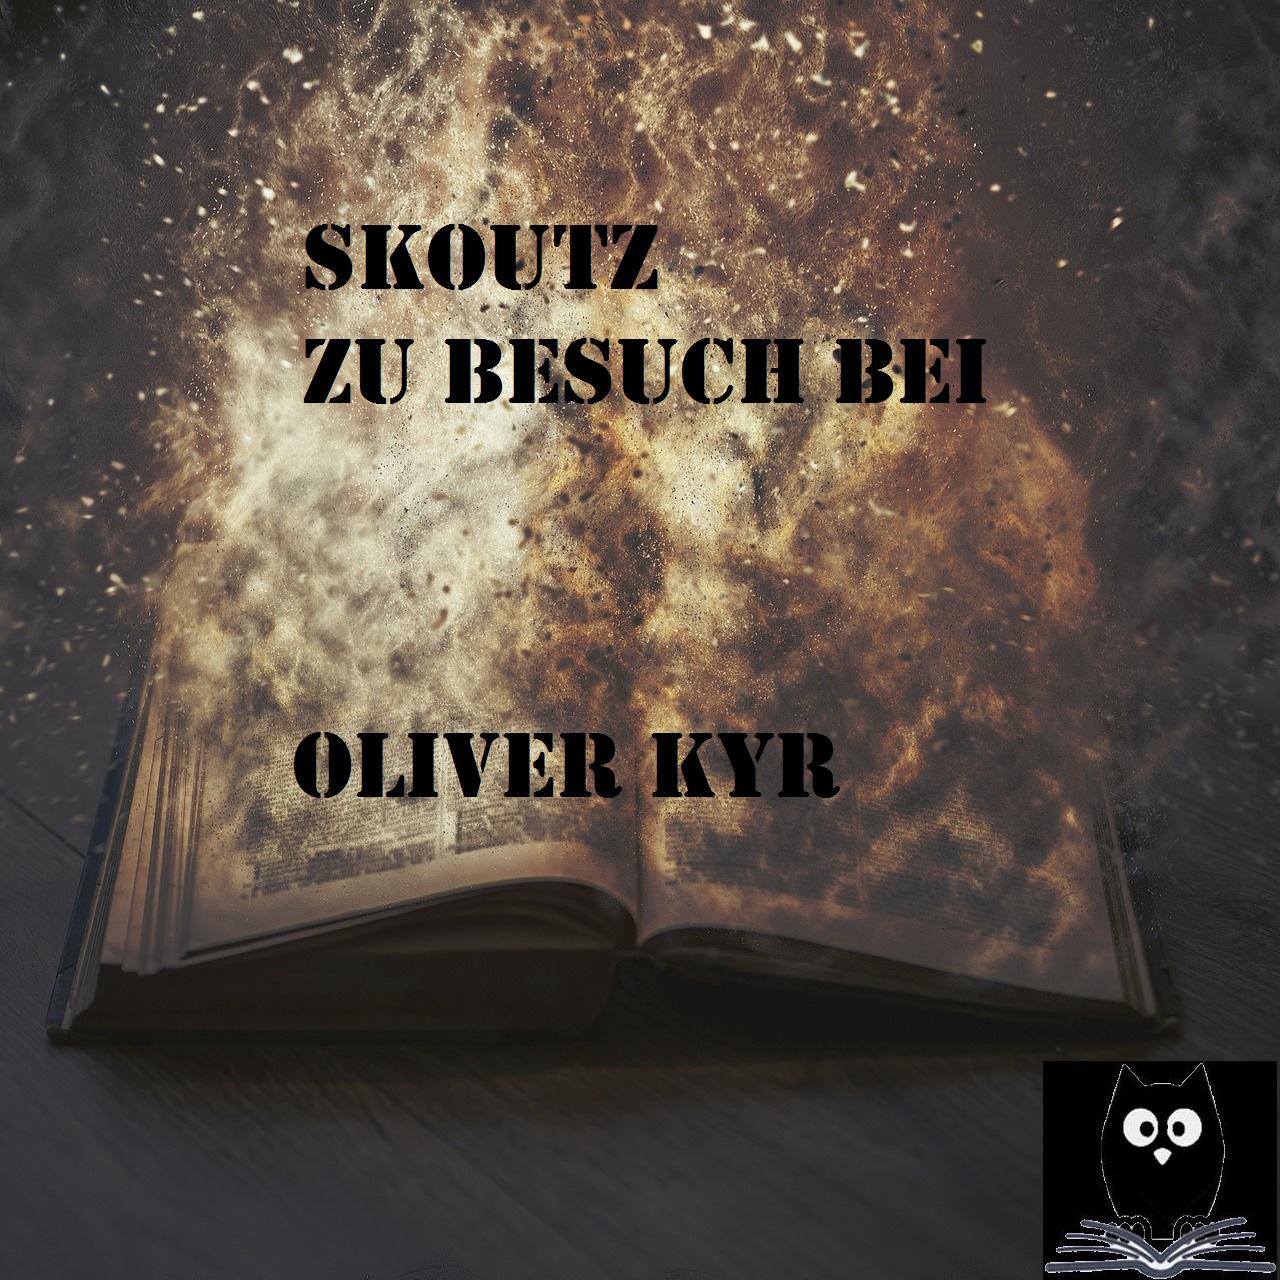 Skoutz zu Besuch bei Oliver Kyr